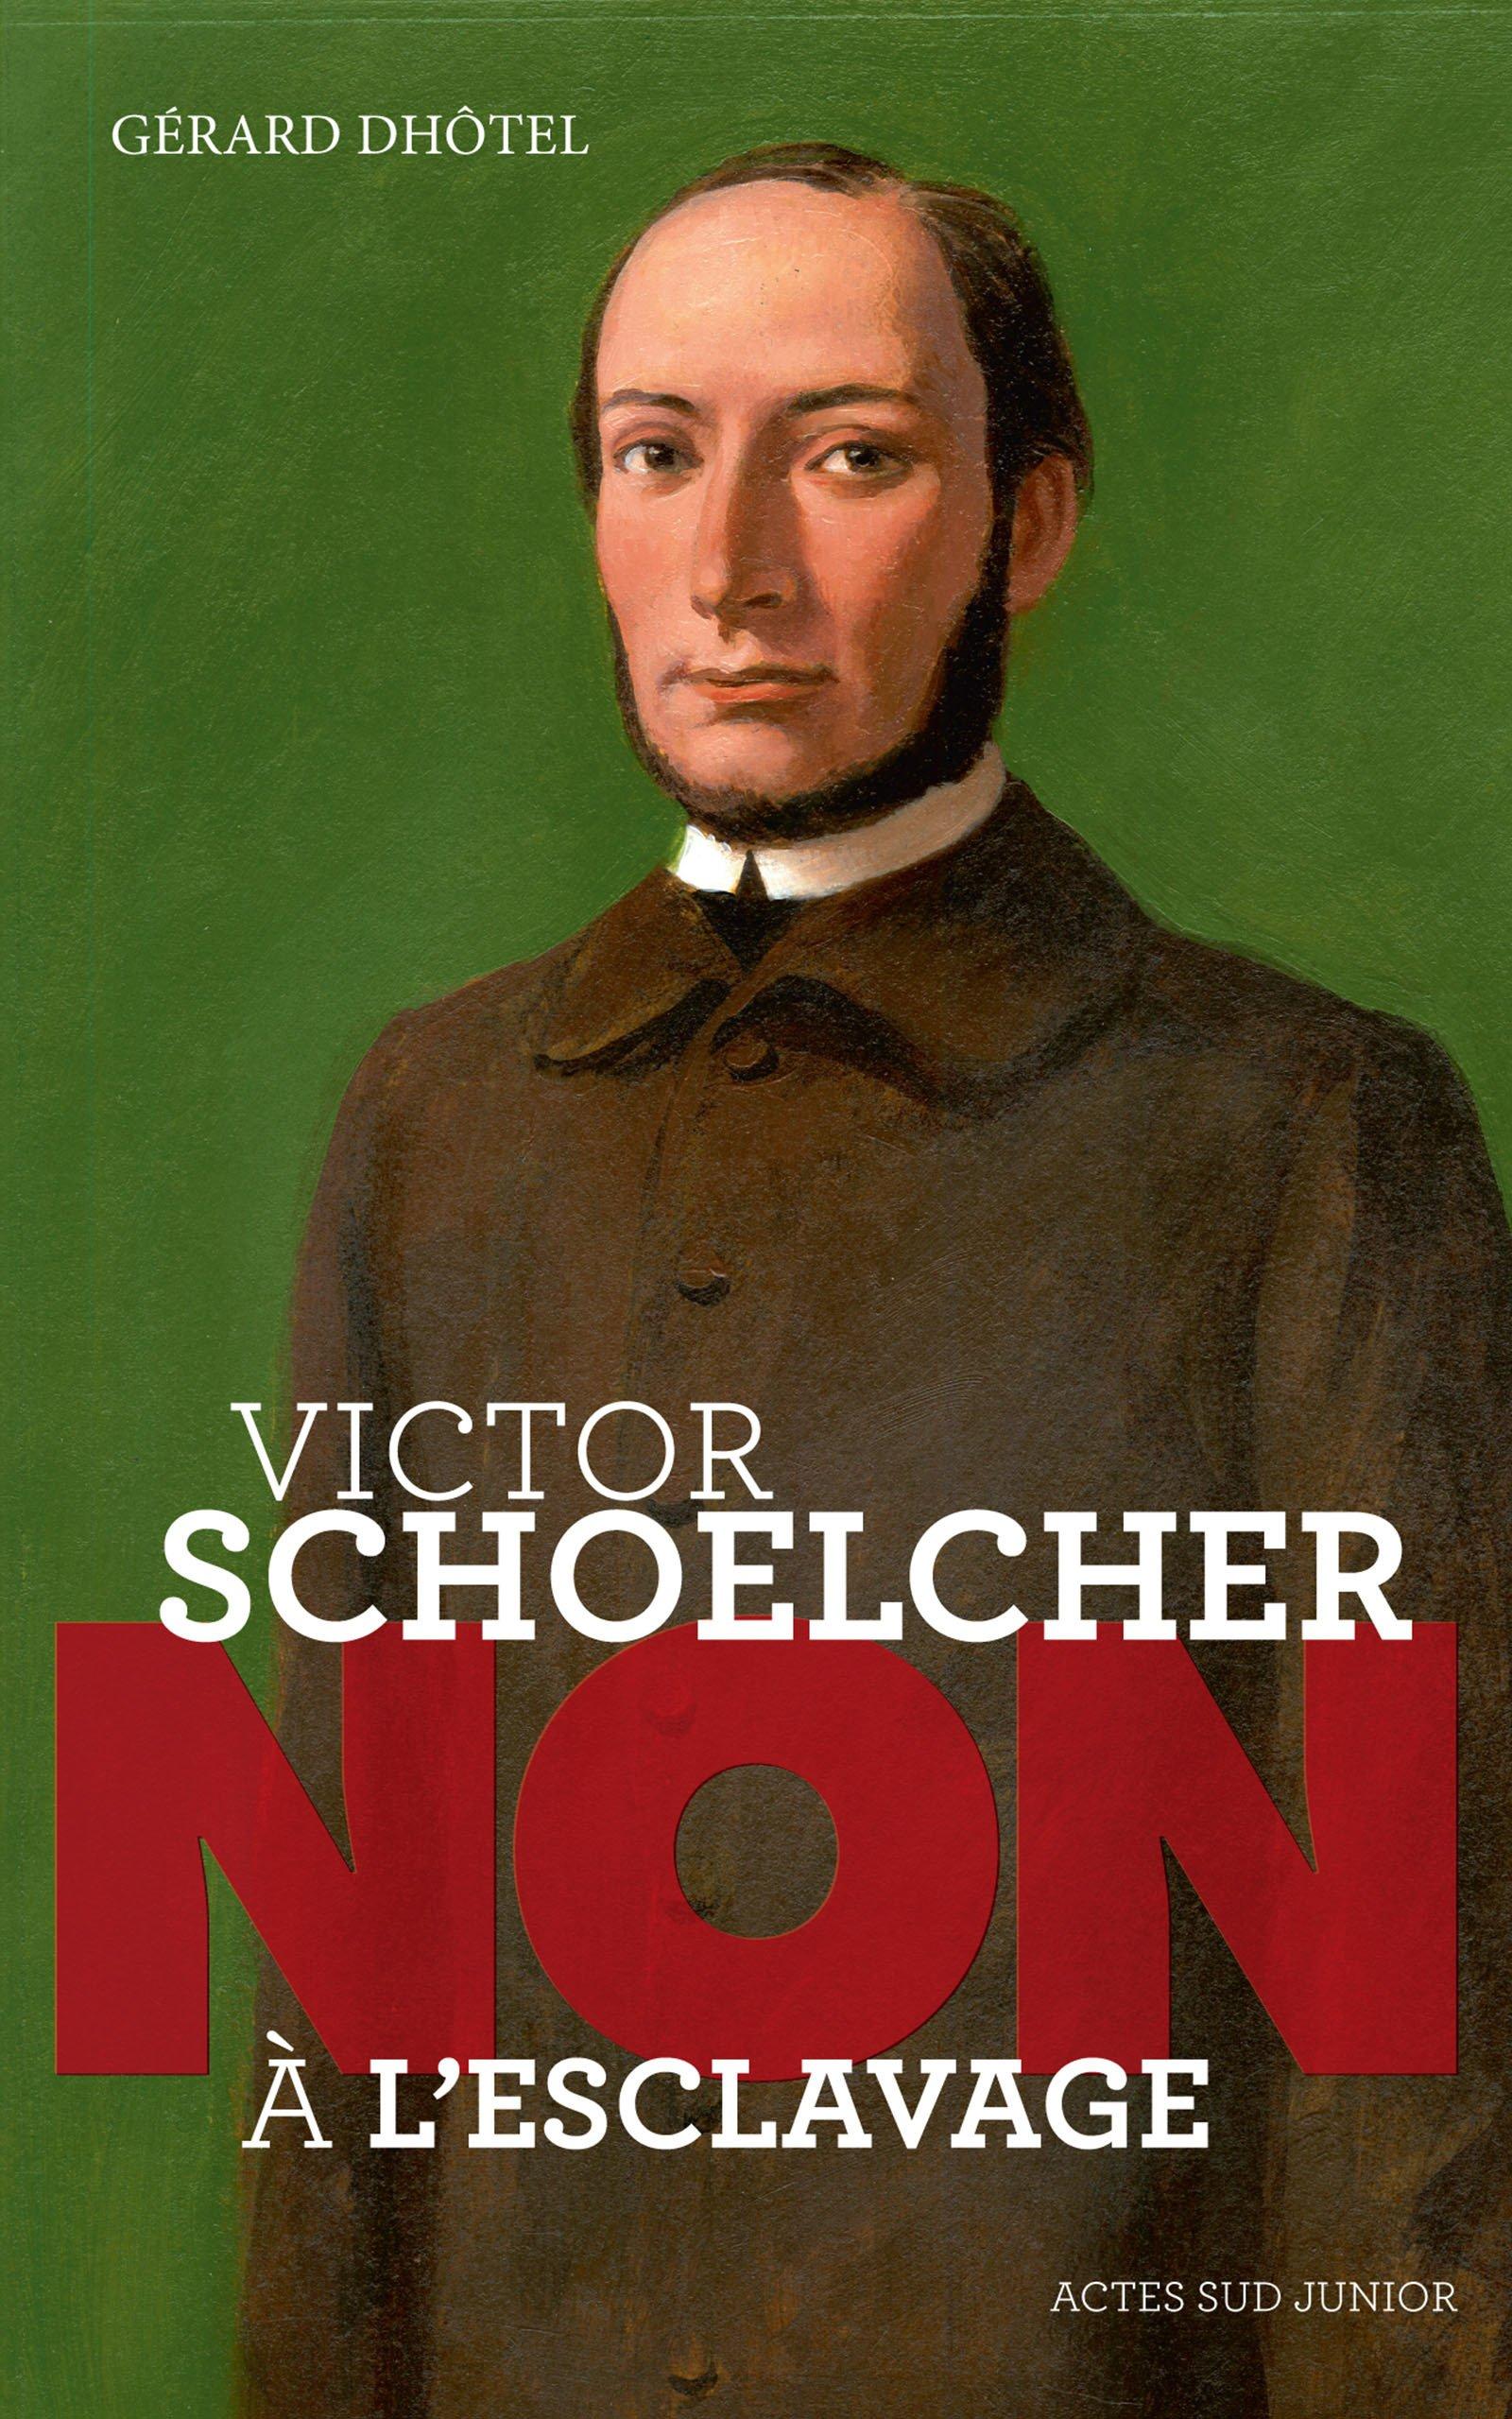 Victor Schoelcher : Non à l'esclavage (Ceux qui ont dit non)